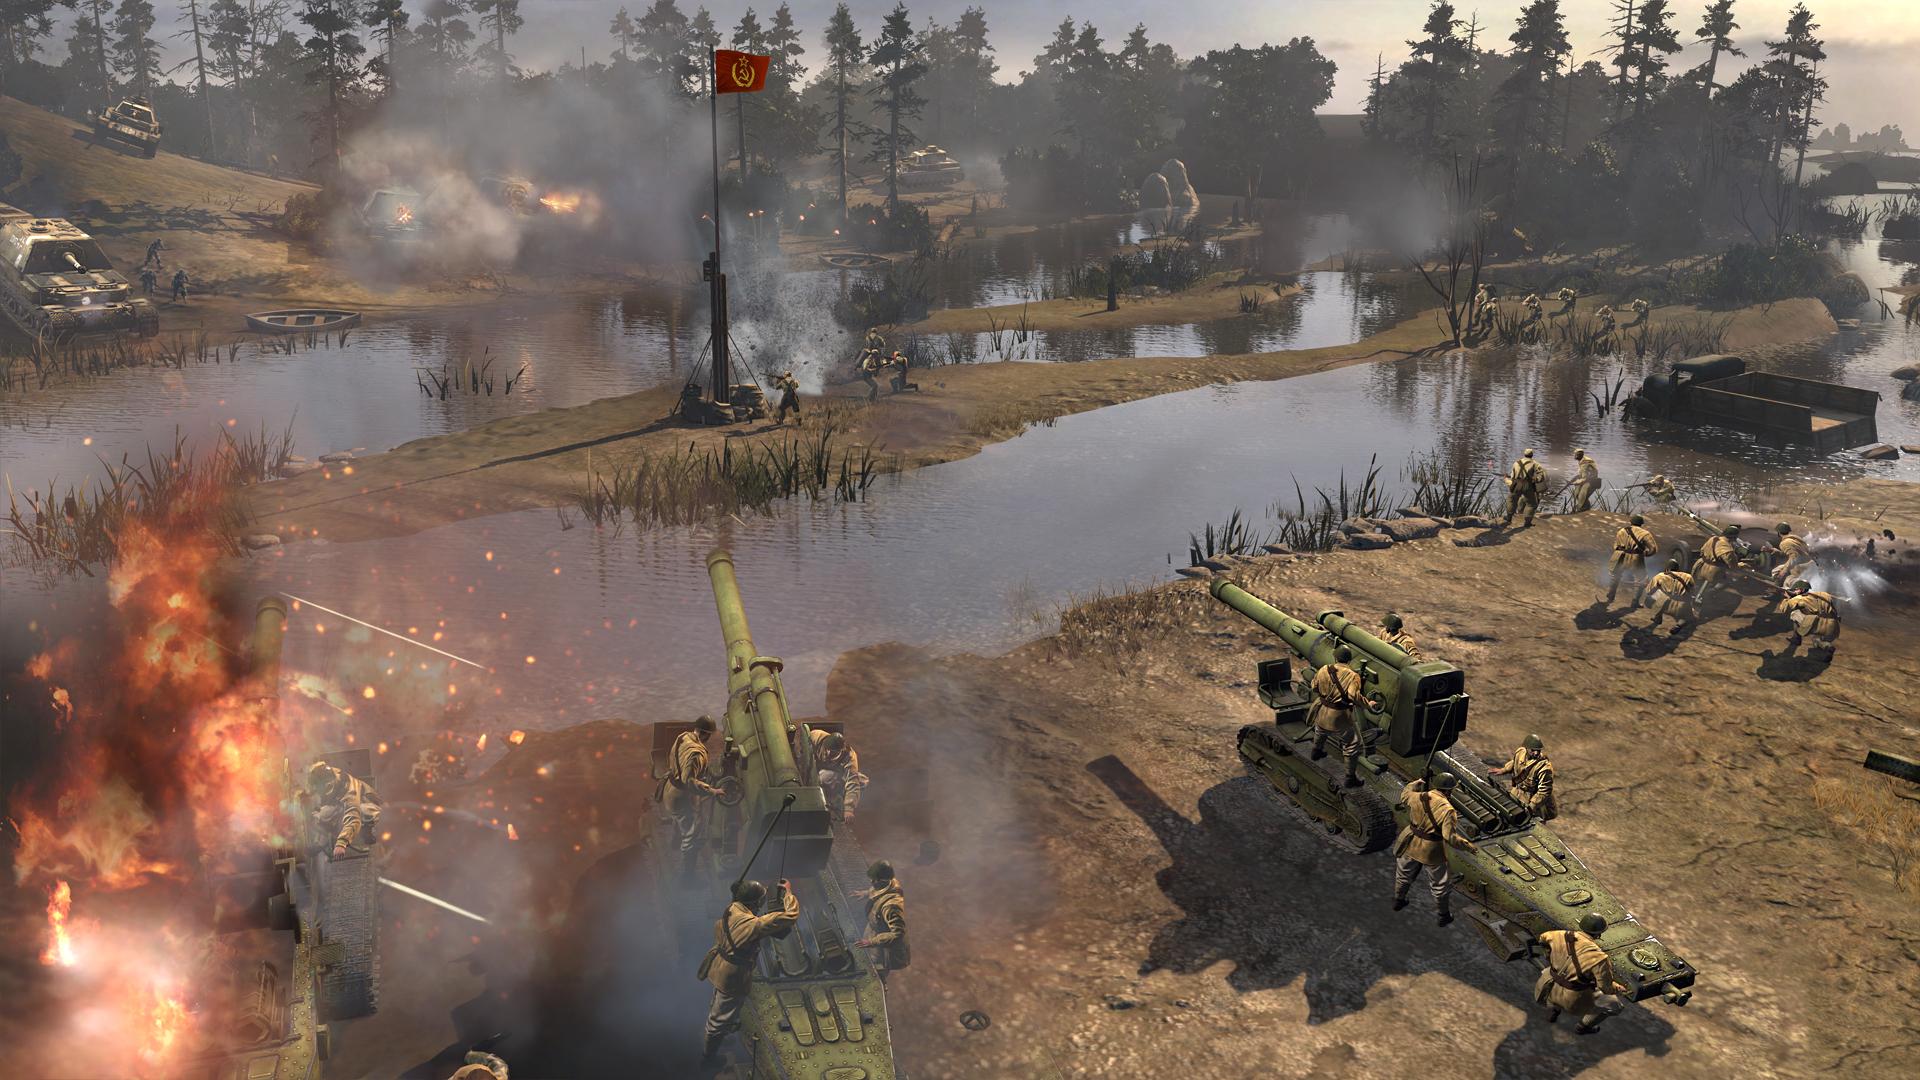 Clan – Teamspeak 3 Server: www.fruitclan.nl/games-2/company-of-heroes-2